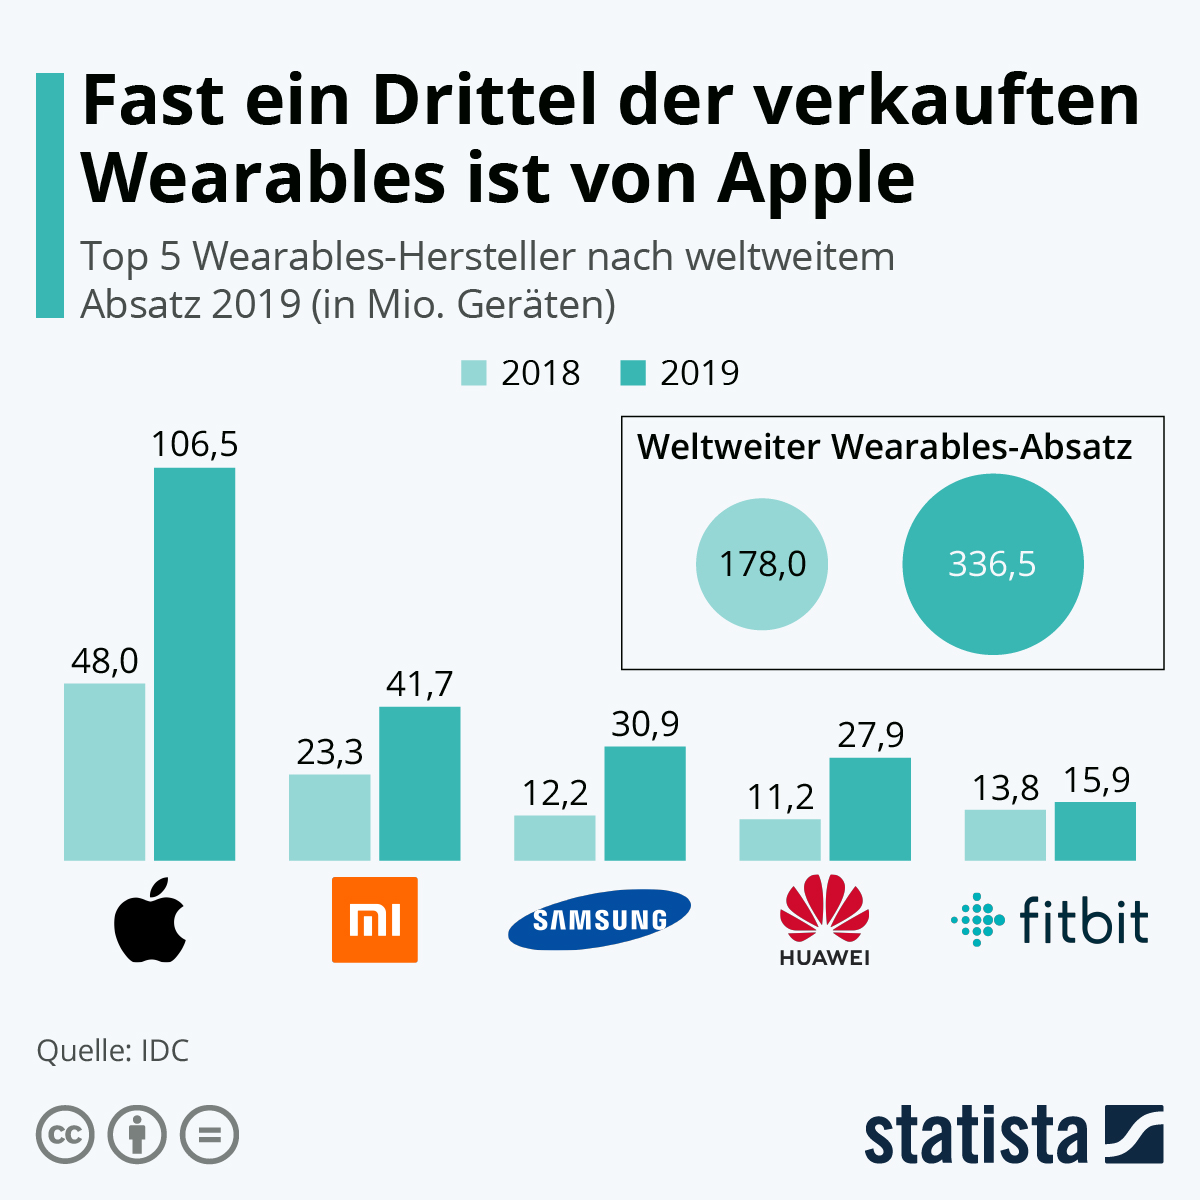 Infografik: Fast ein Drittel der verkauften Wearables ist von Apple | Statista